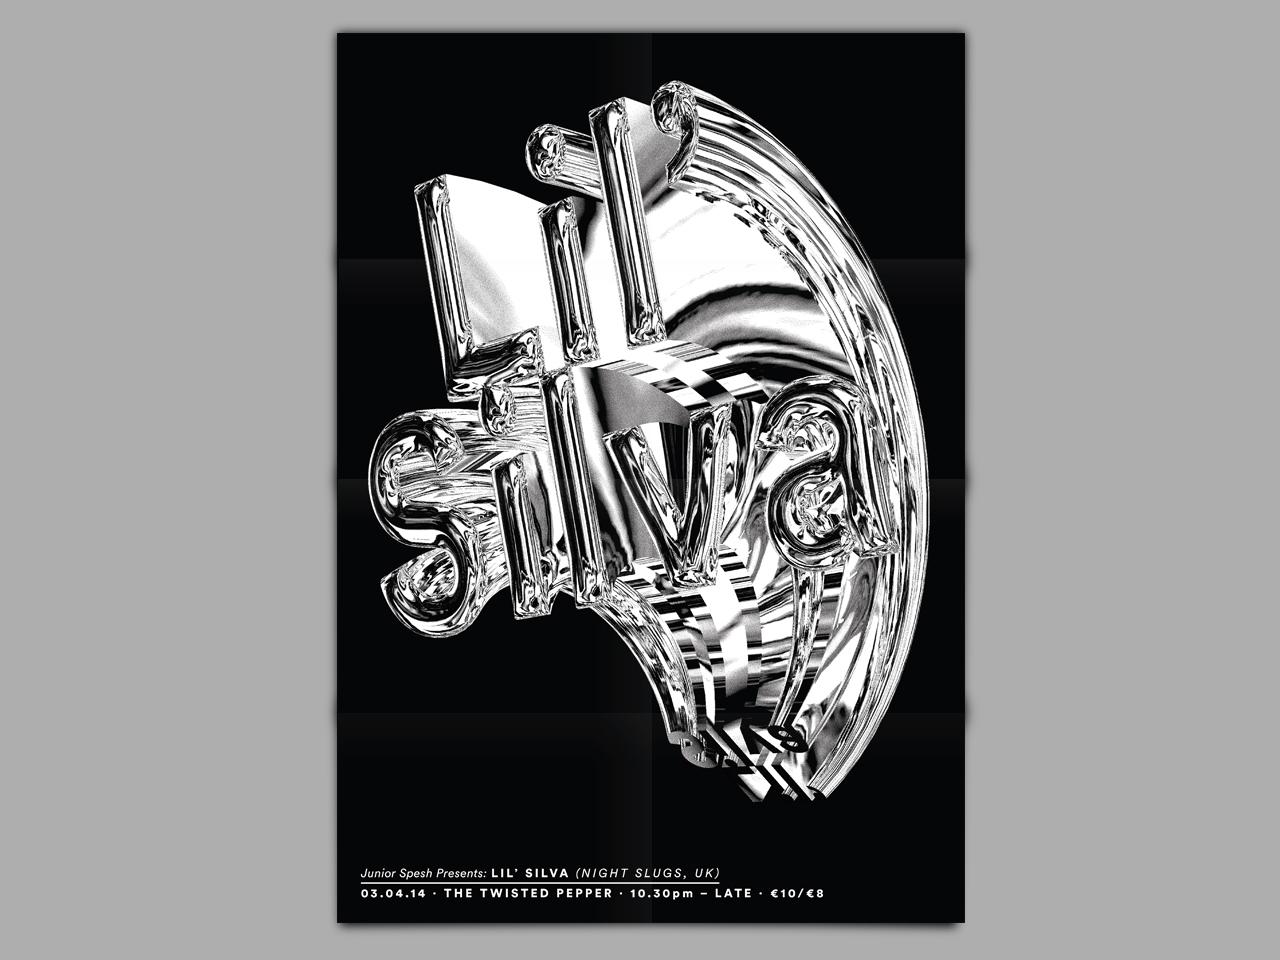 Cover image: Lil' Silva